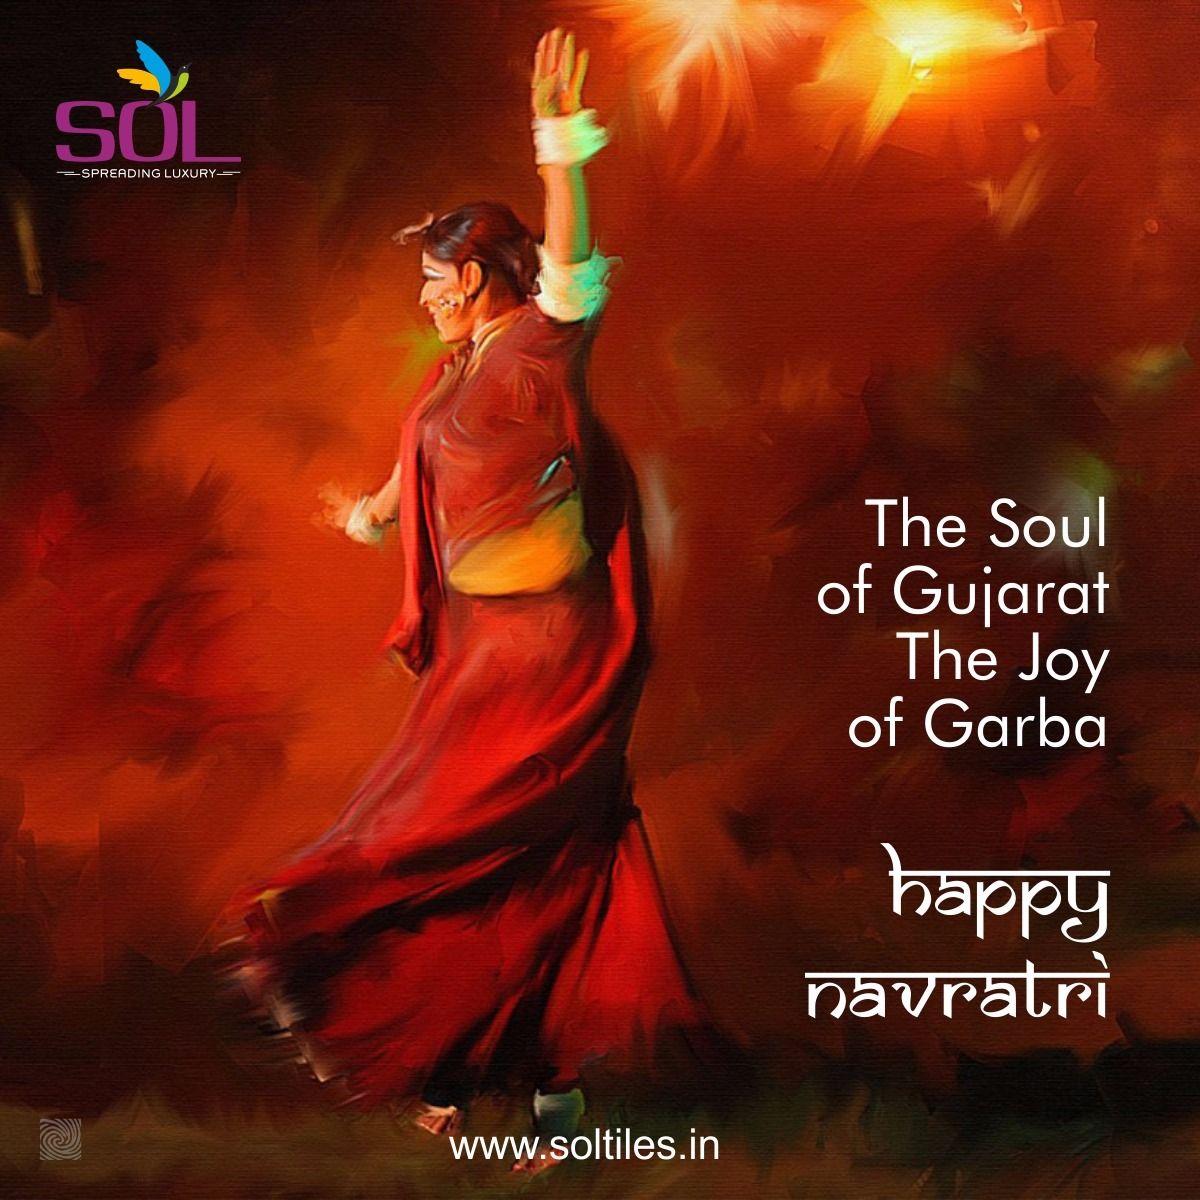 The Soul of Gujarat, the Joy of Garba - Happy Navratri! #soltiles